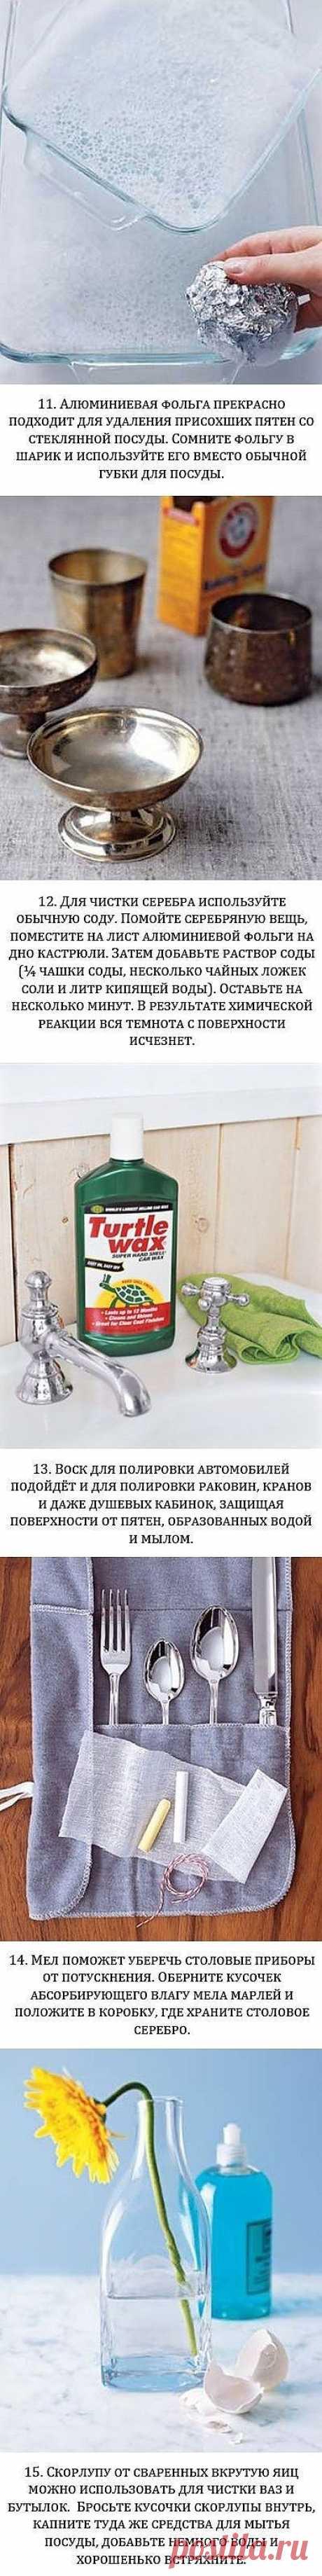 Полезные бытовые советы. Маленькие хитрости для чистоты в доме.